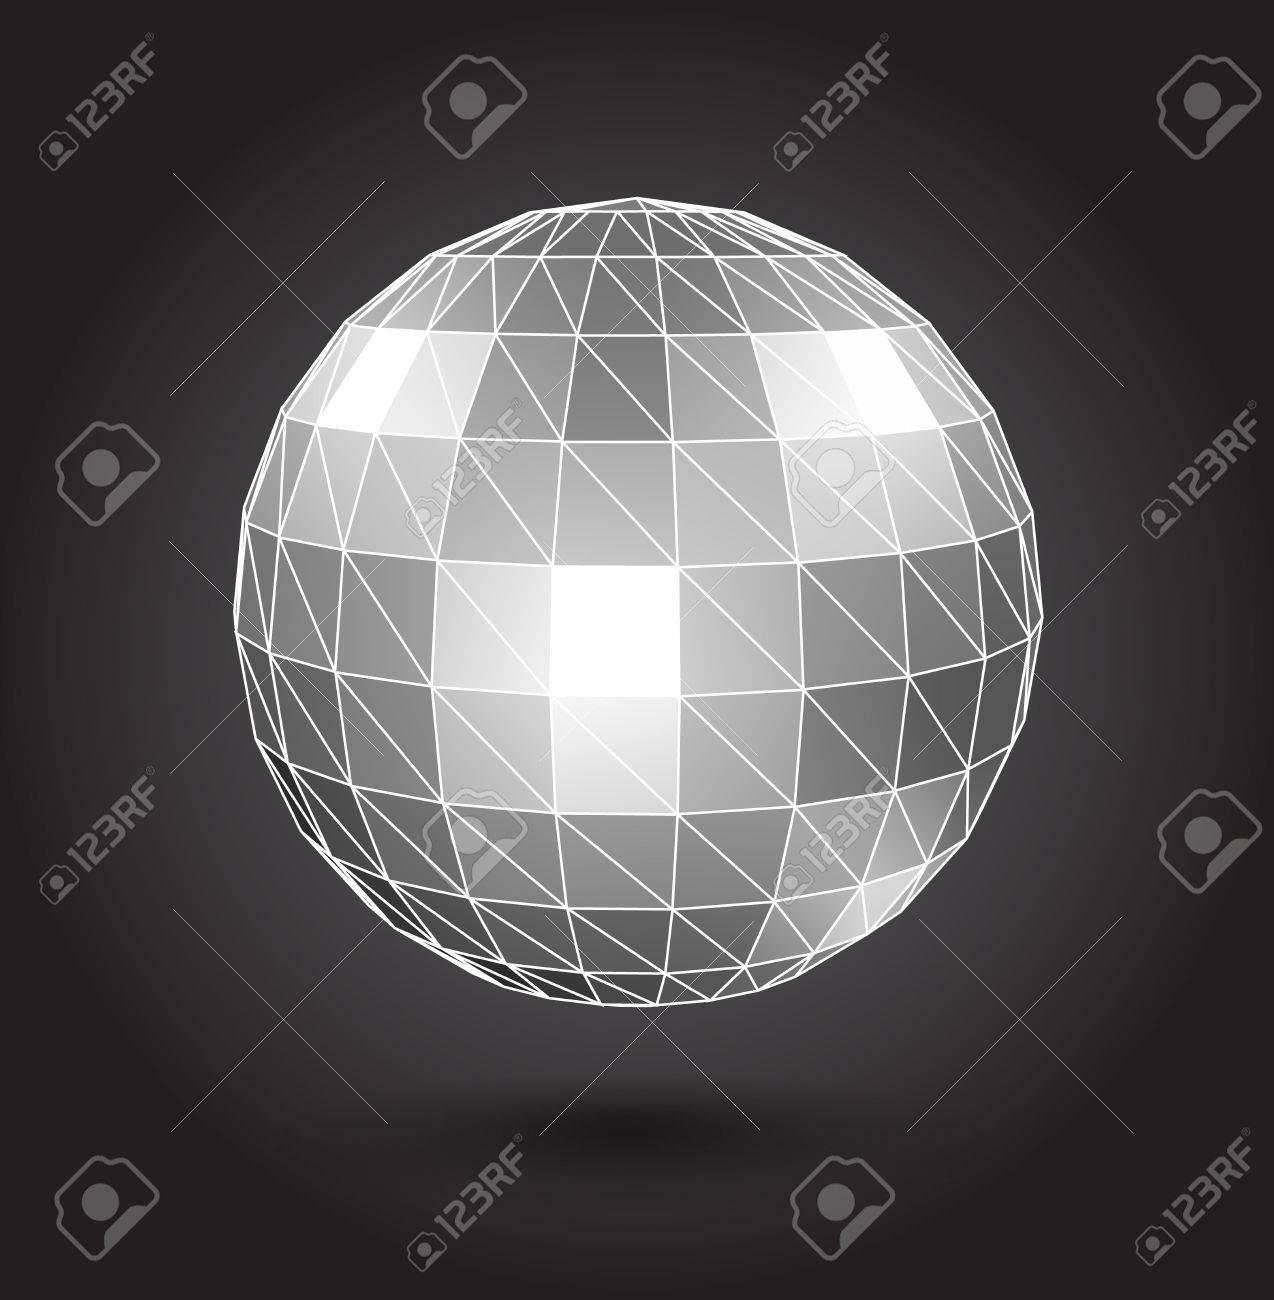 Disco ball Stock Vector - 19591916